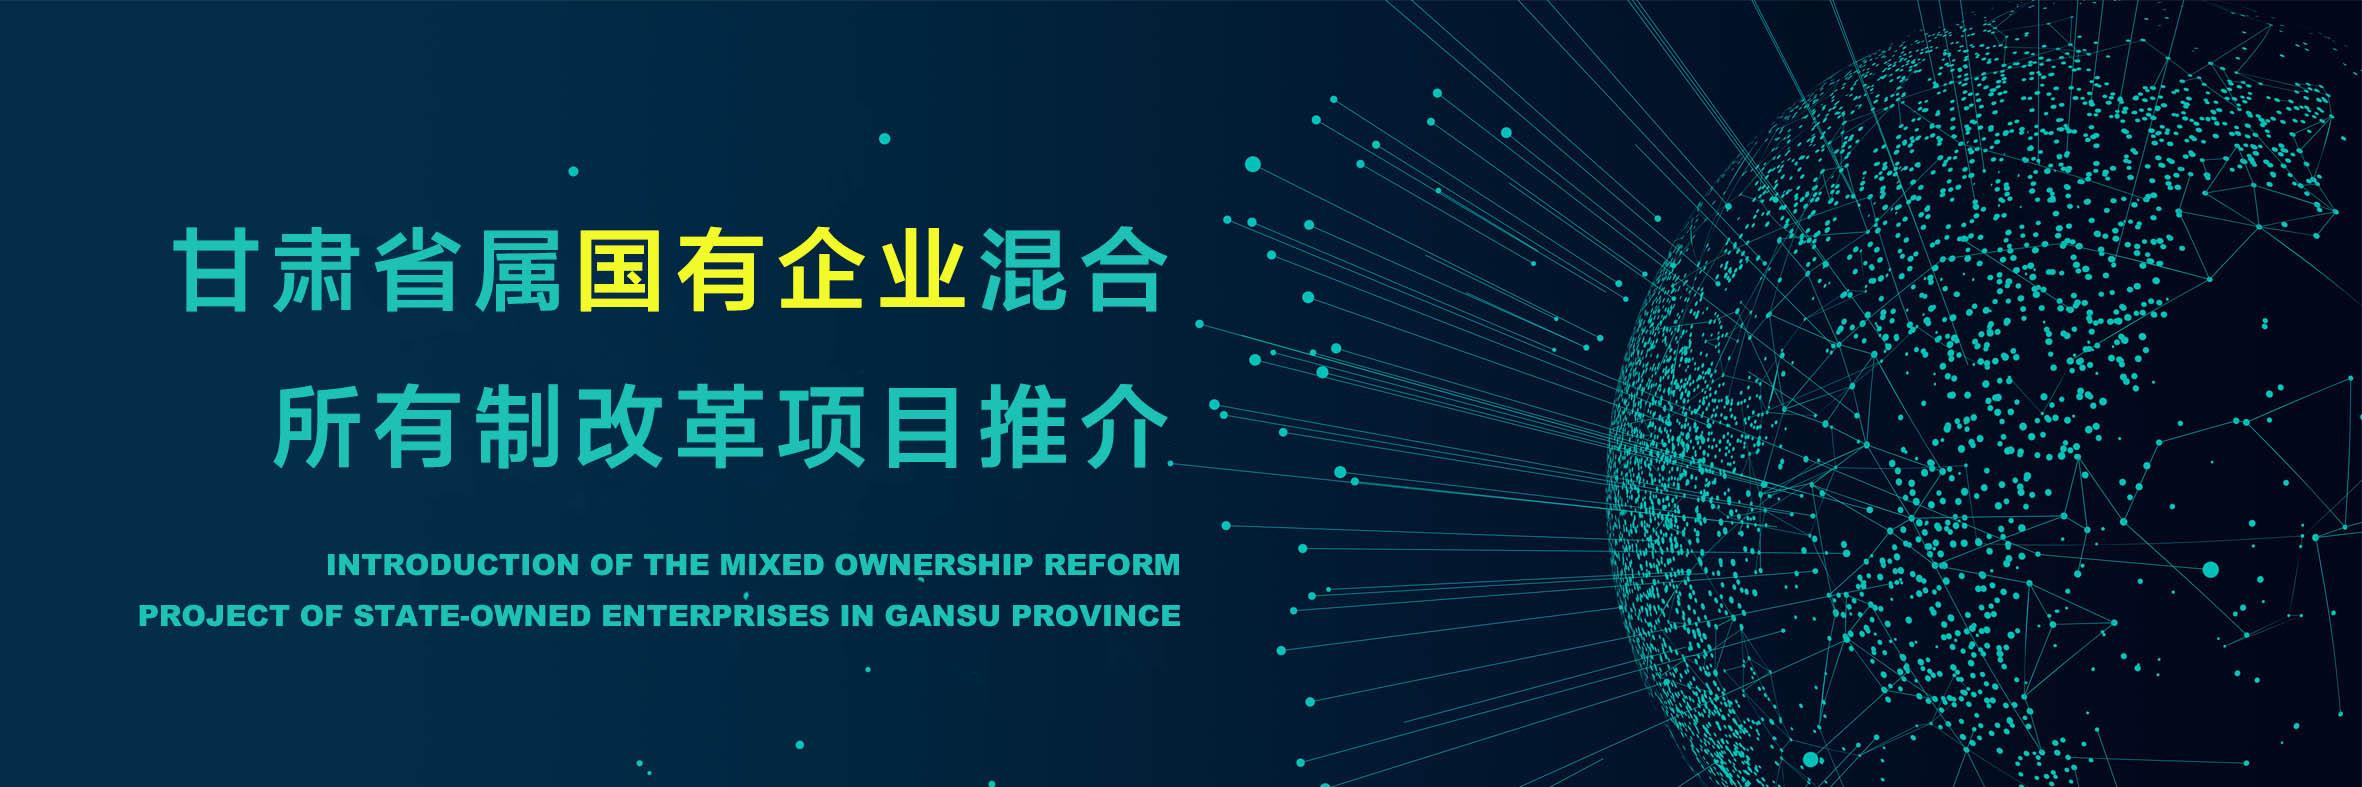 甘肃省属国有企业混合所有制改革 项目推介(第一期)